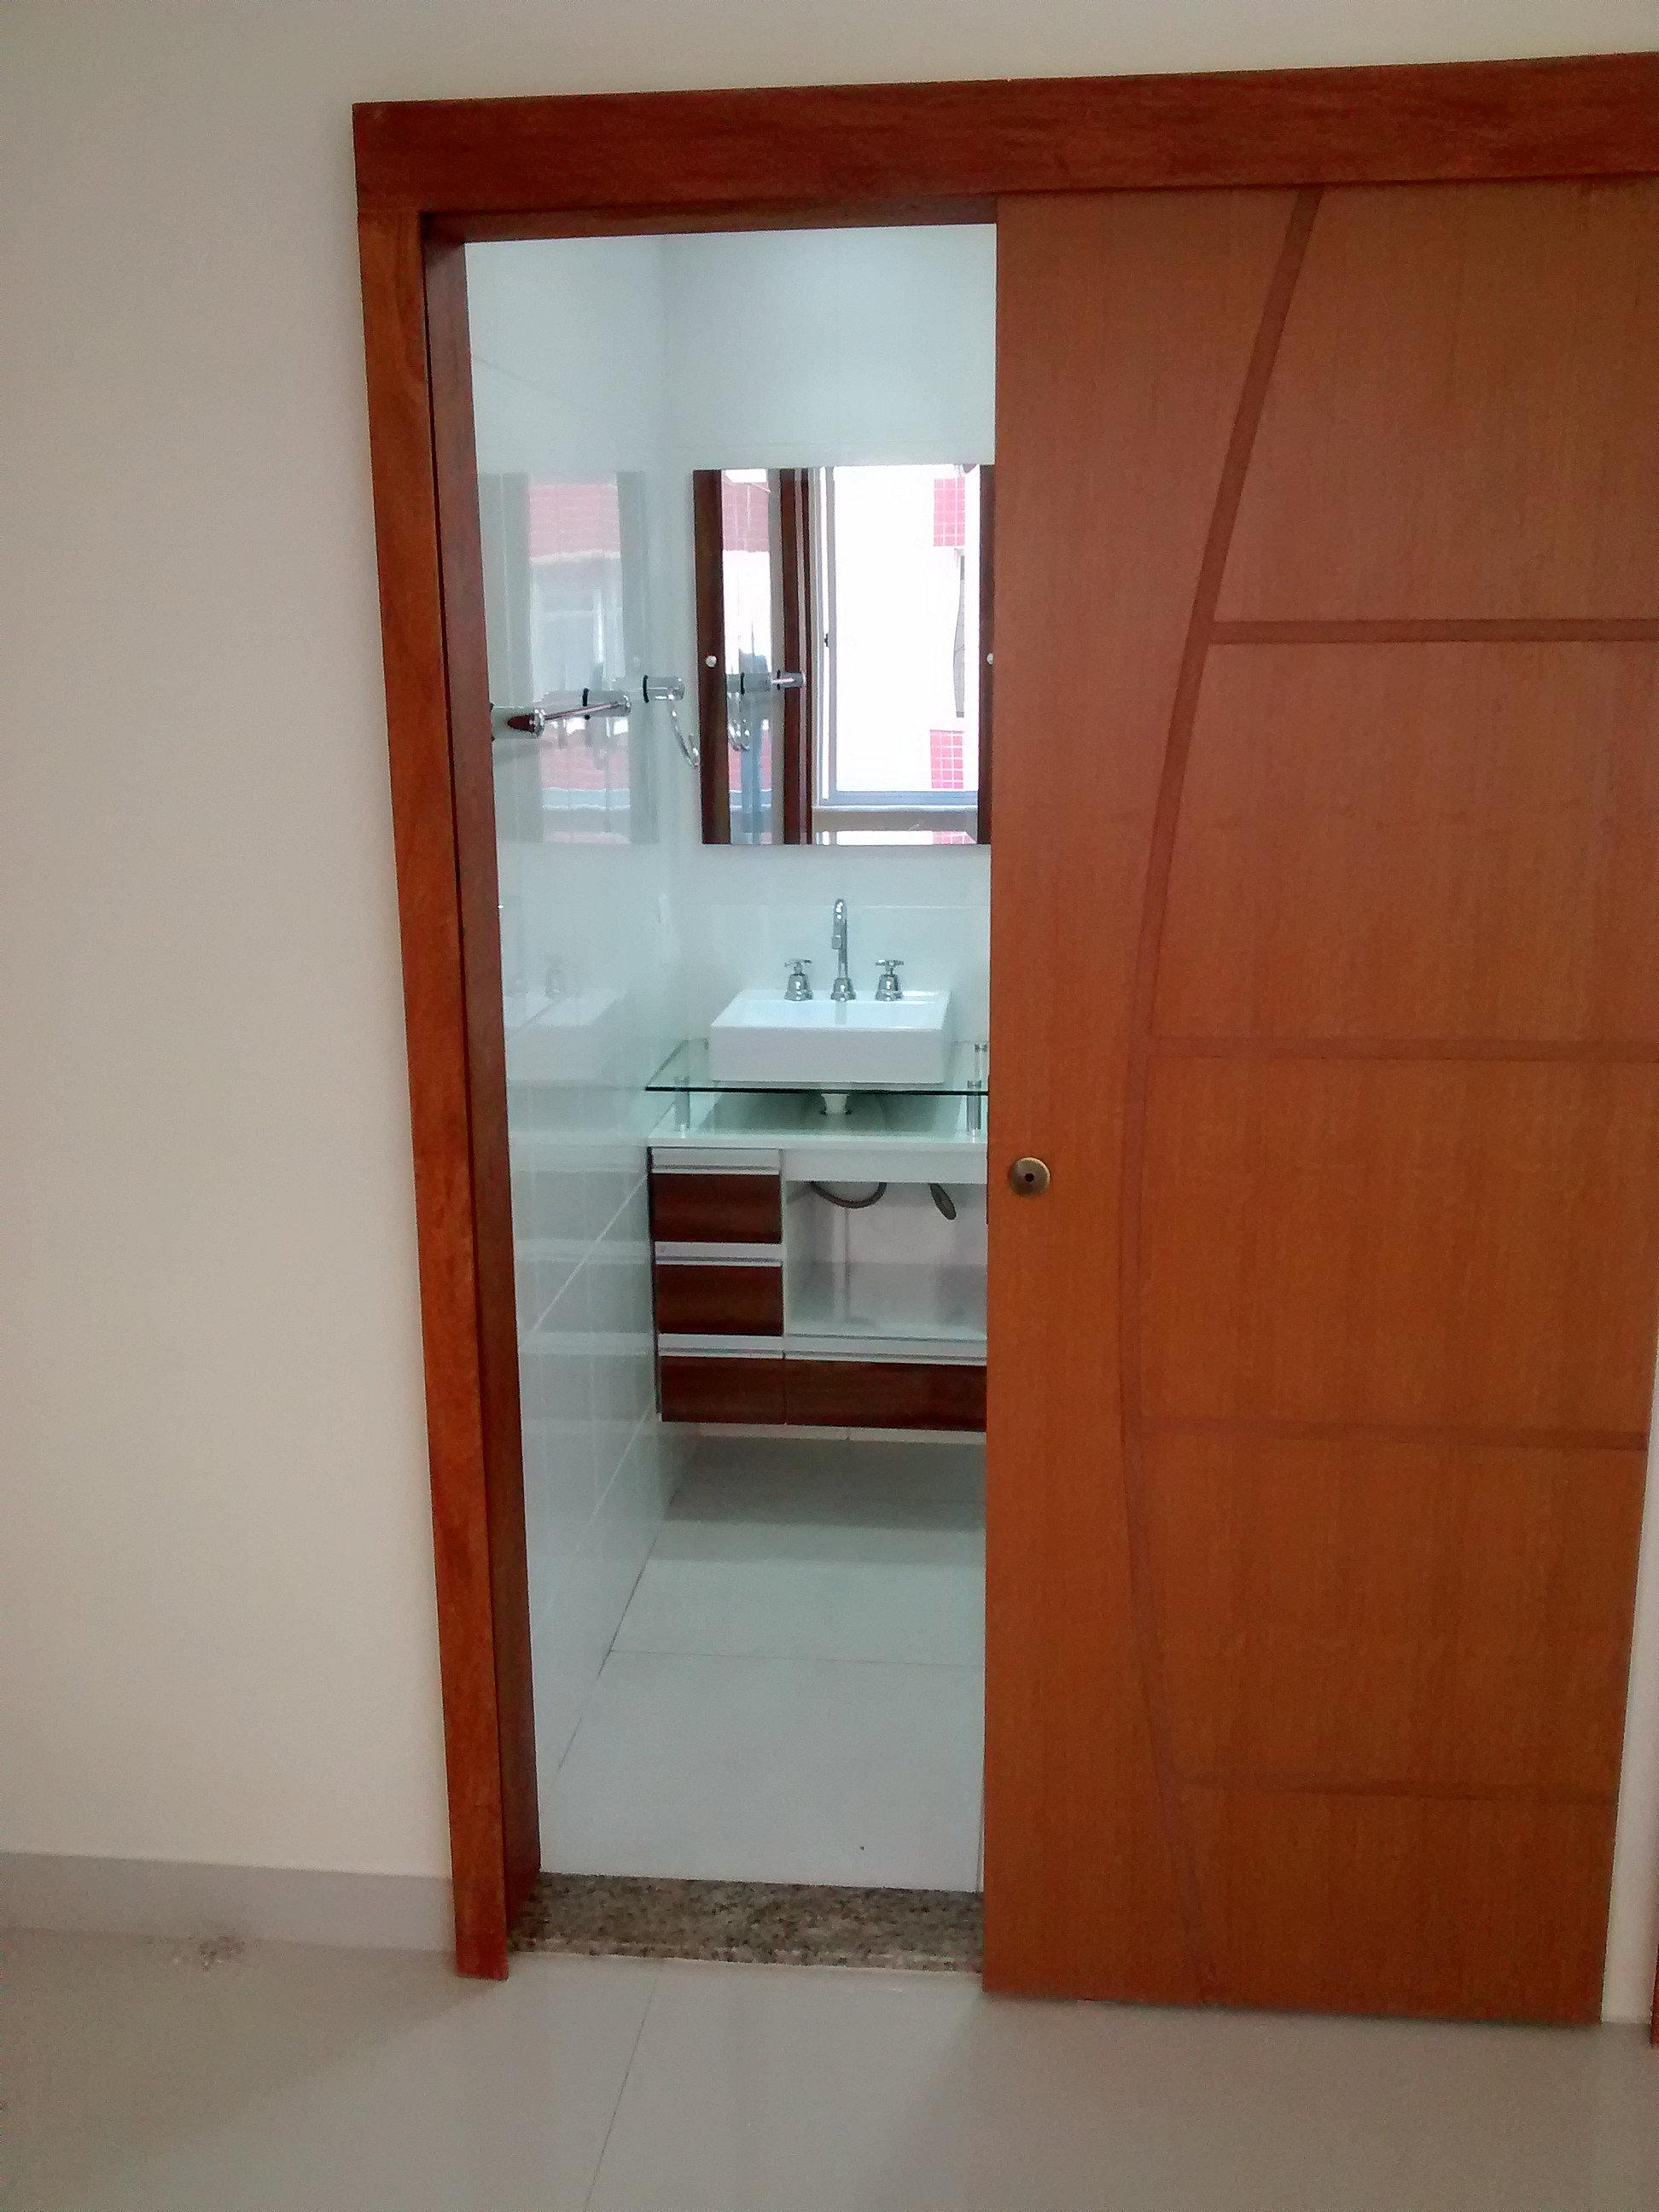 empreiteiracalabria  PORTA DE CORRER  BANHEIRO -> Banheiro Pequeno Porta De Correr